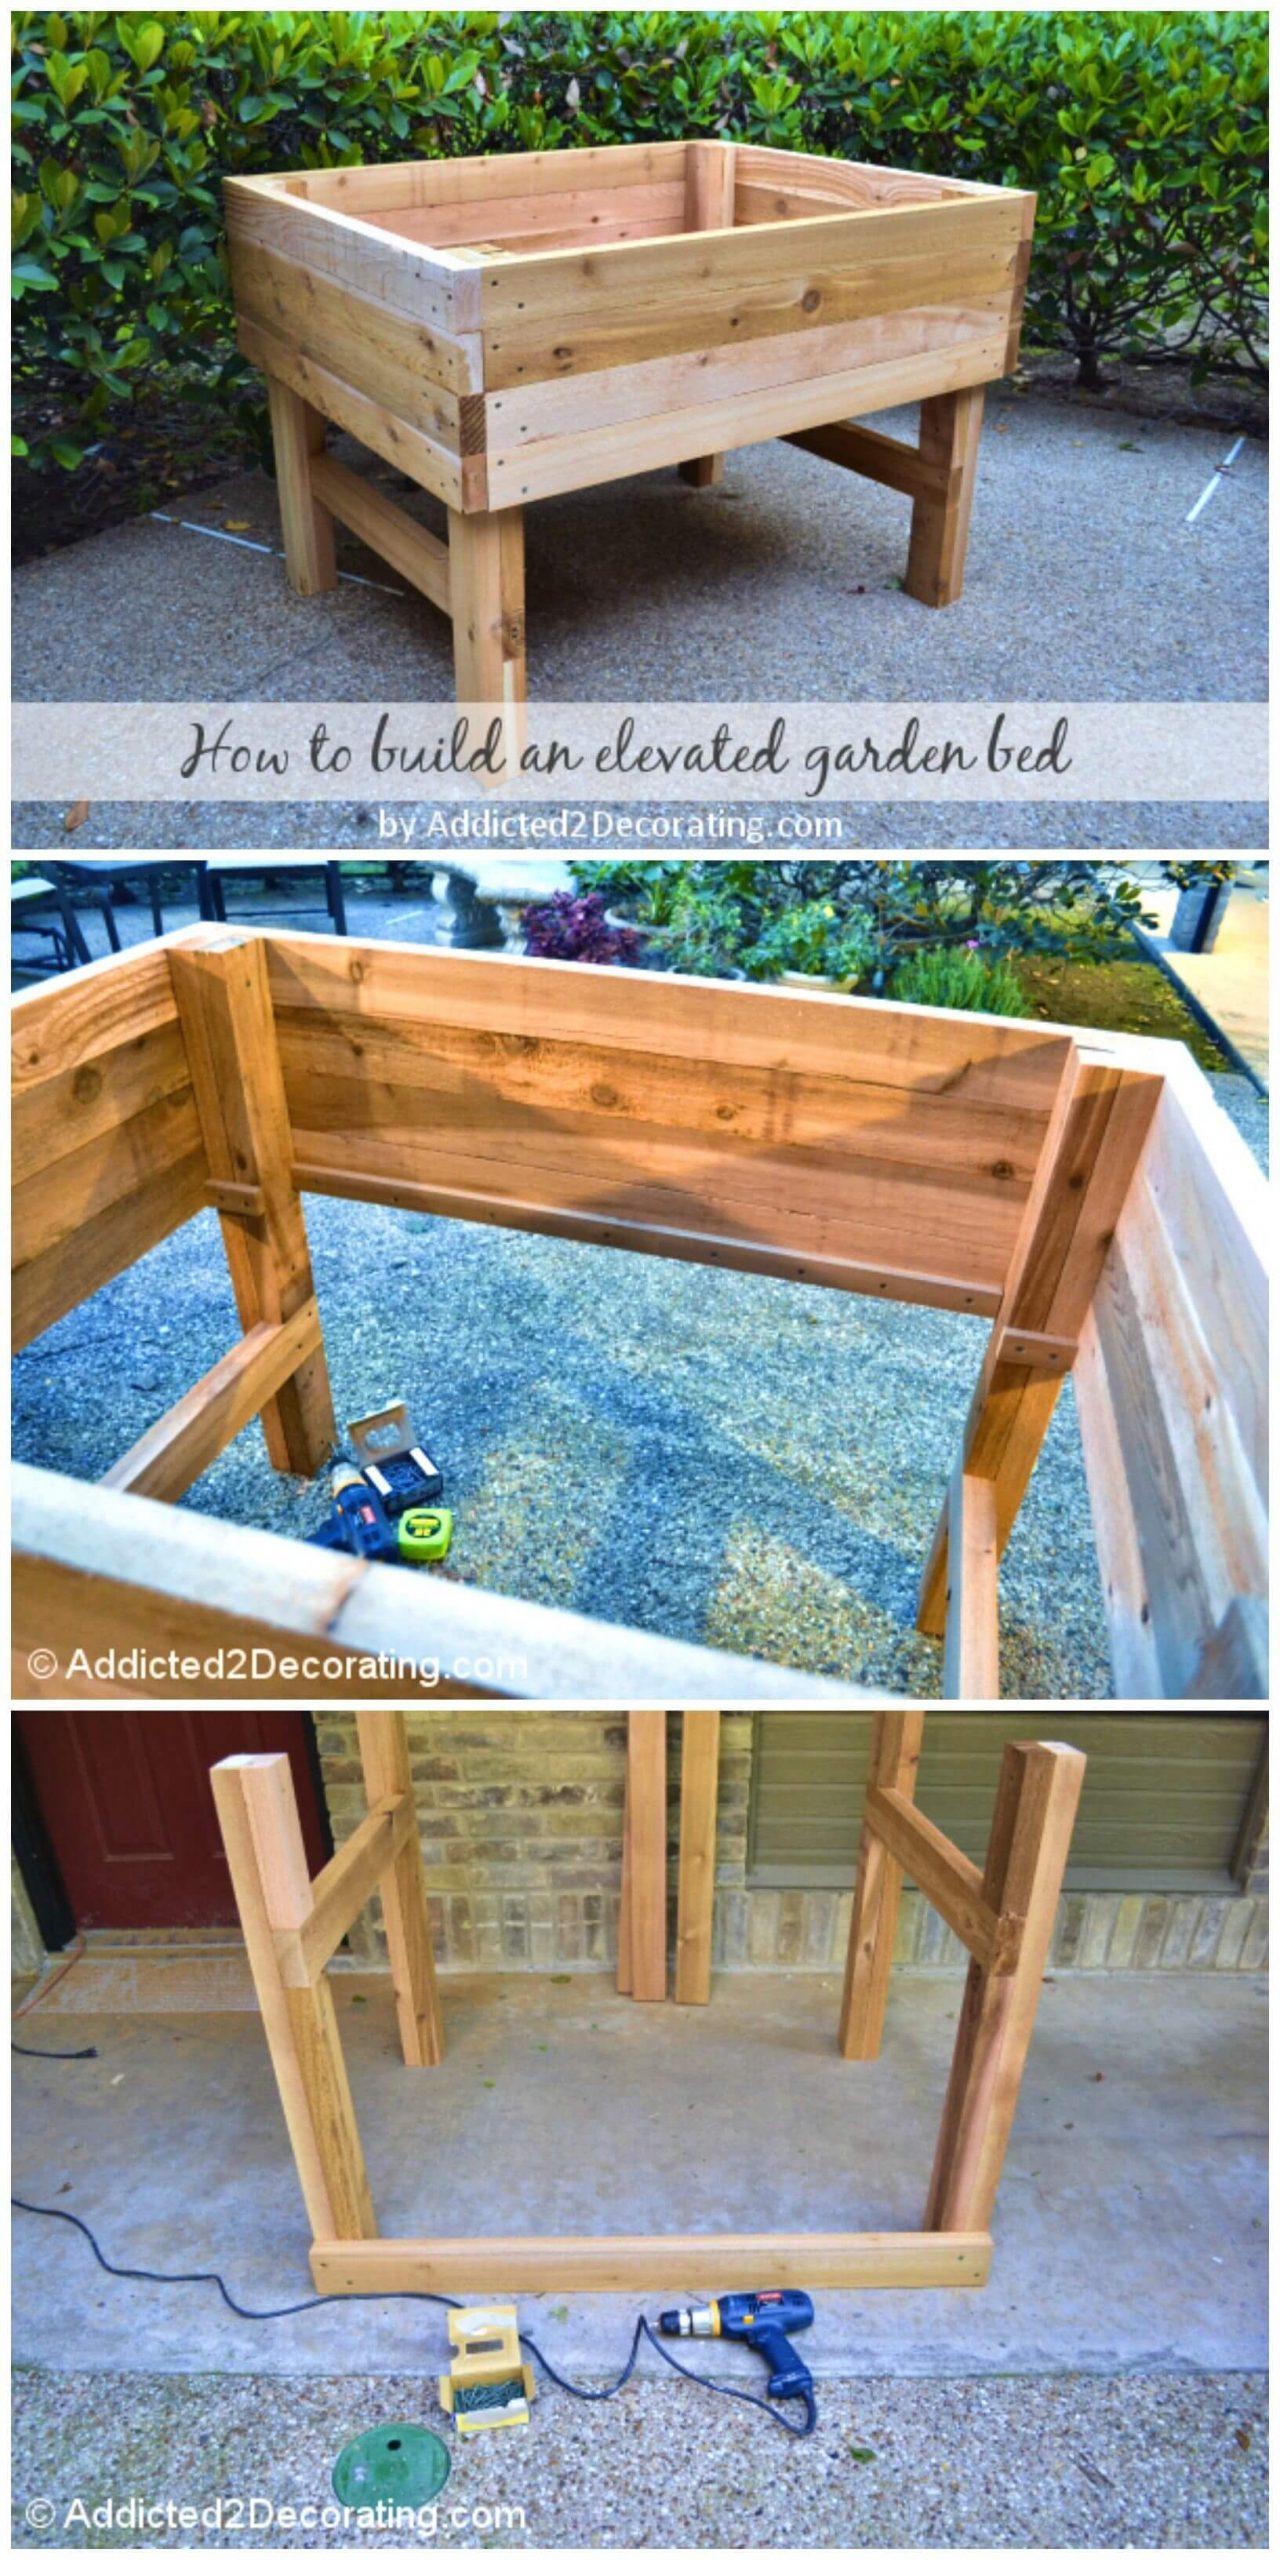 Adorable DIY Elevated Garden Bed